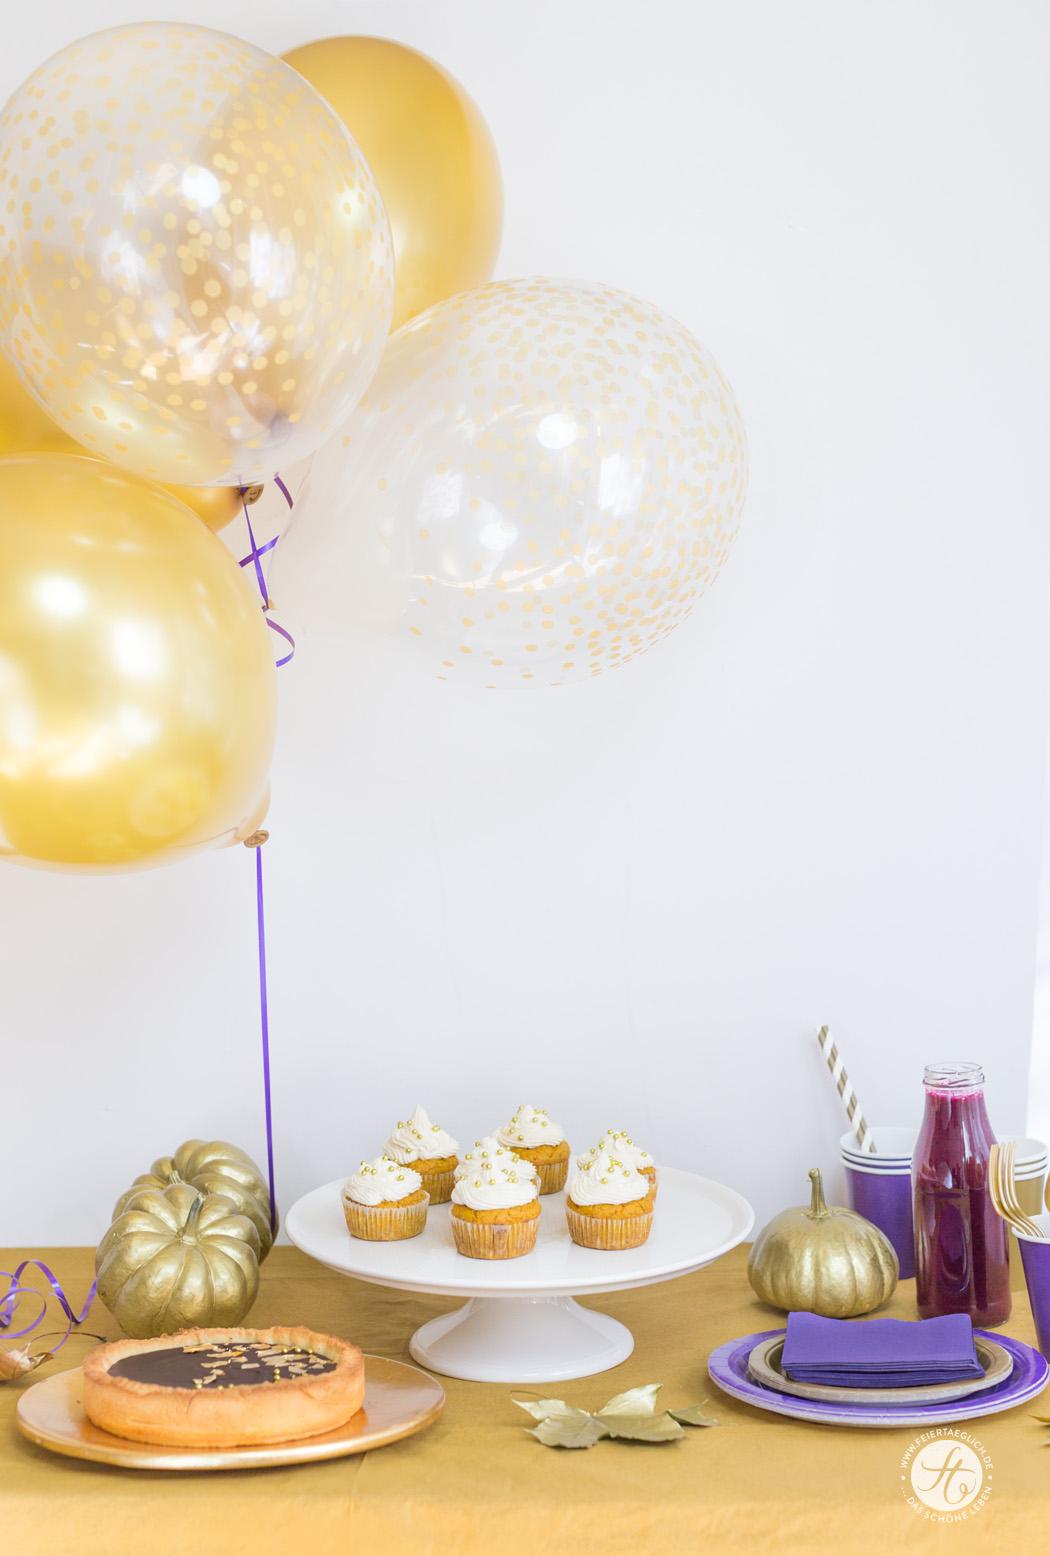 Goldener-Herbst-Party mit Deko, Rezepten, Blogparade und Party-Pakete zu gewinnen. #happymottoparty